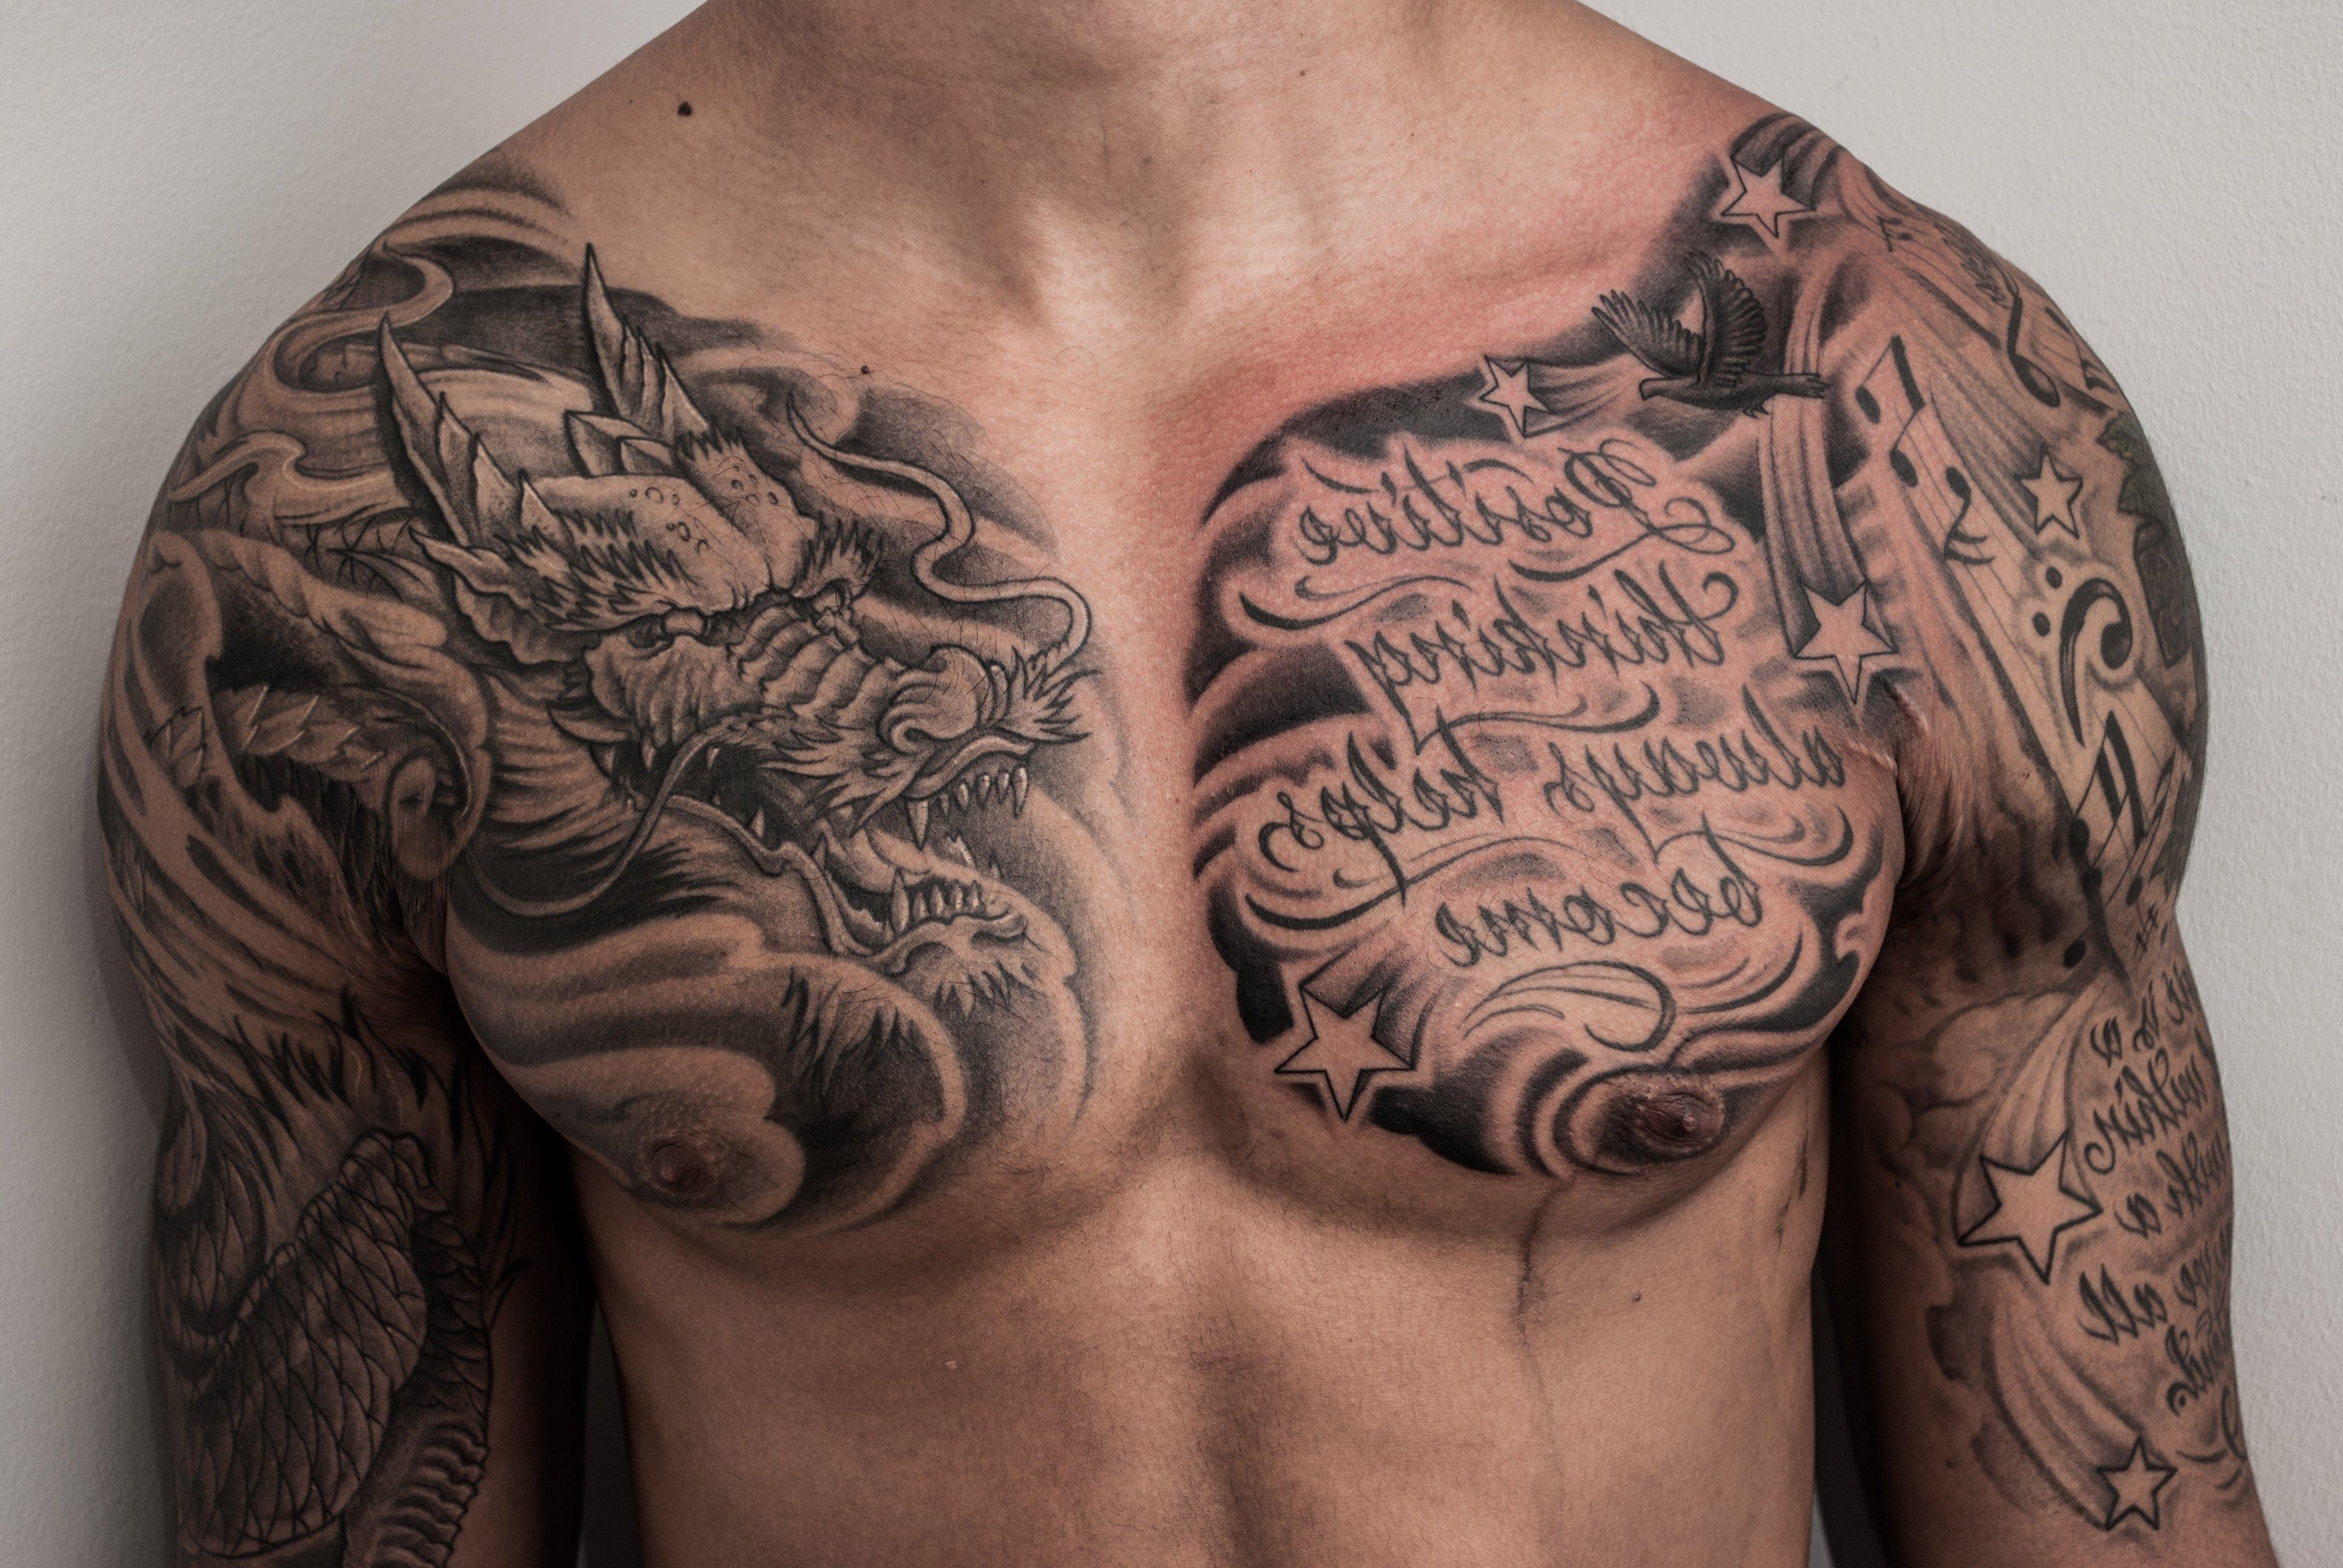 10 Great Great Tattoo Ideas For Men good tattoo ideas for guys tattoos 10 selected tattoos for men 3 2020